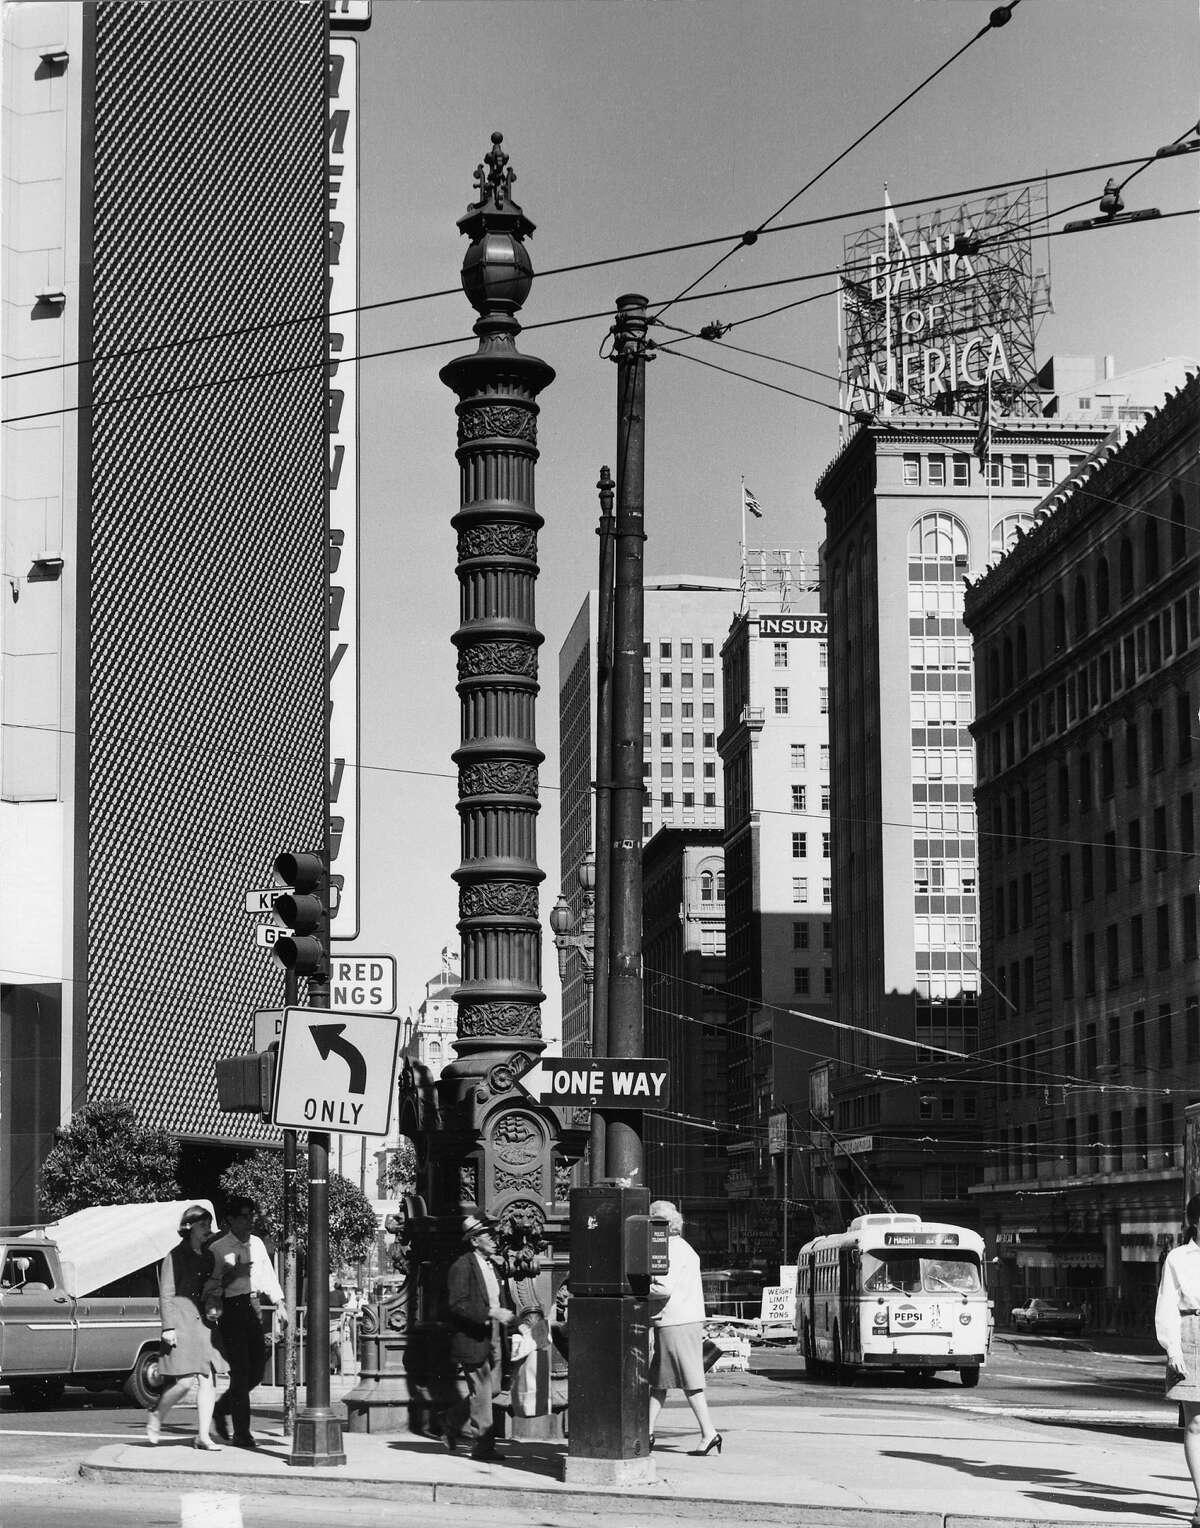 San Francisco's Market Street in 1969.